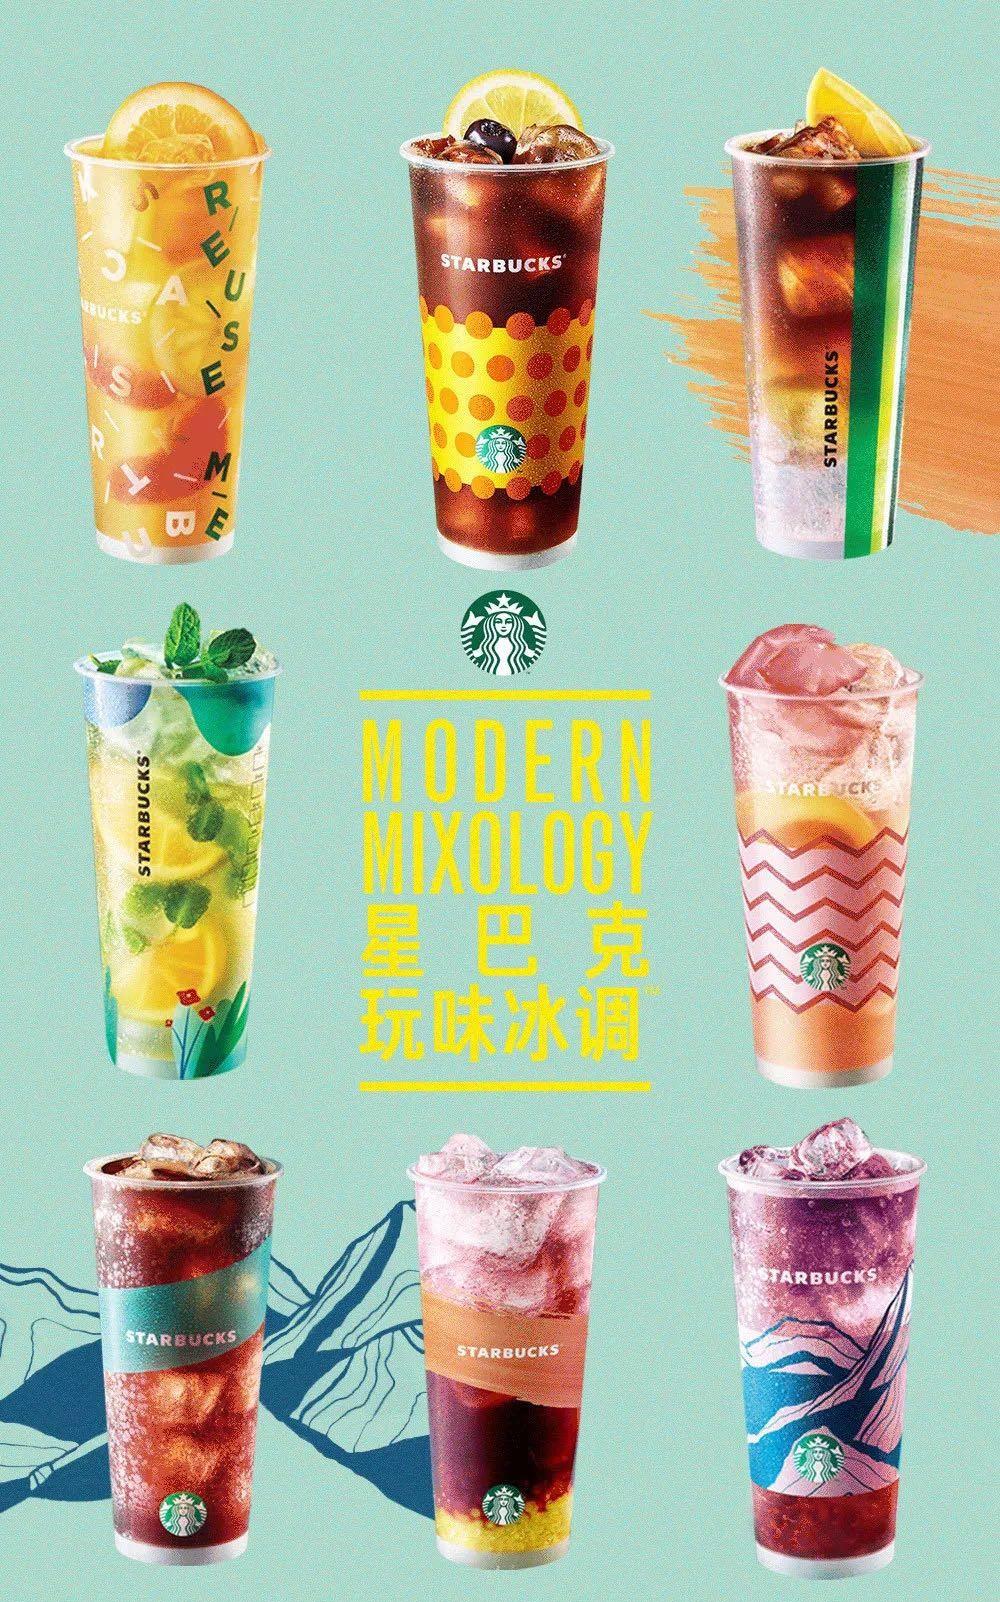 夏日饮品外卖大战,星巴克、喜茶都在做这些,你知道吗?